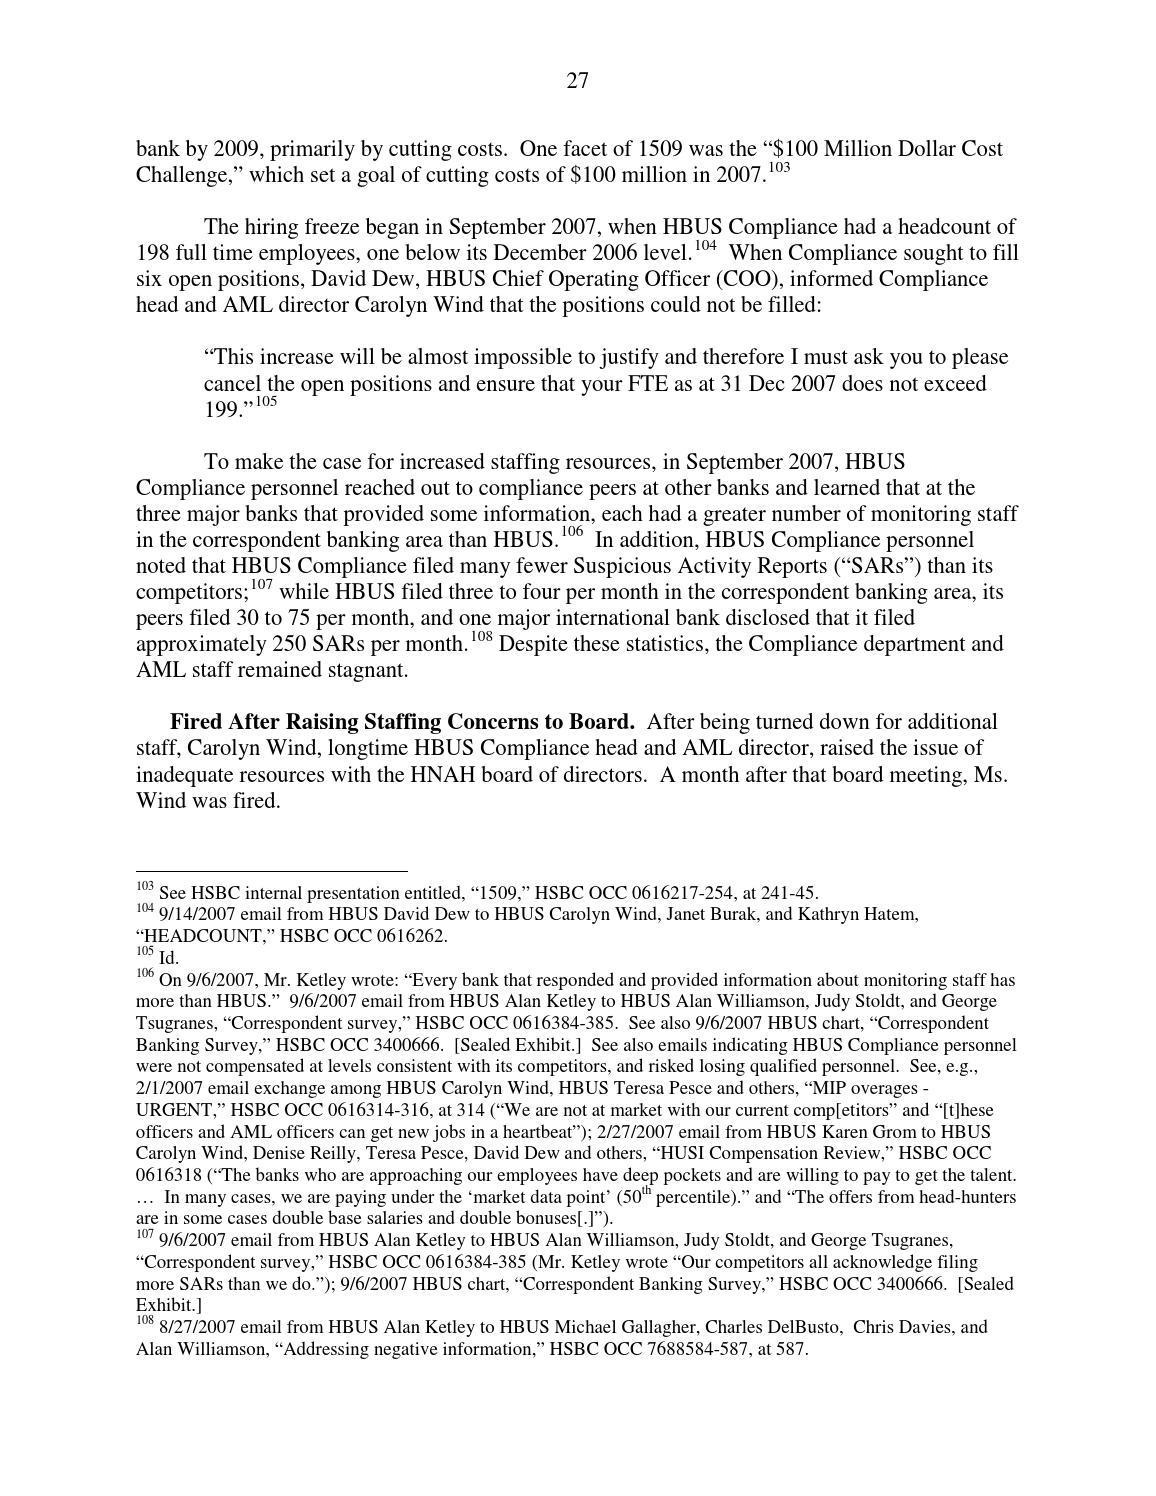 Archivoy evidencia II by elPeriódico Guatemala - issuu